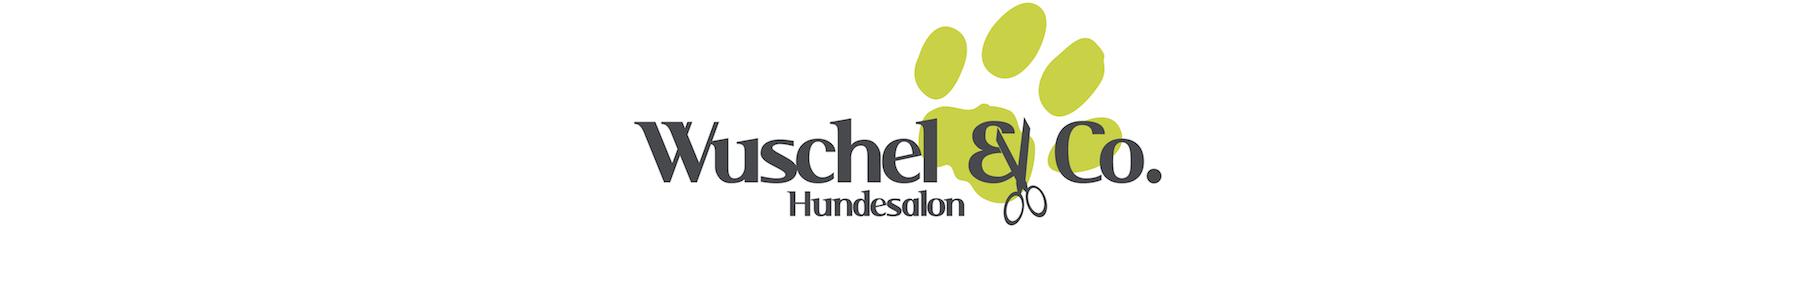 Wuschel & Co.